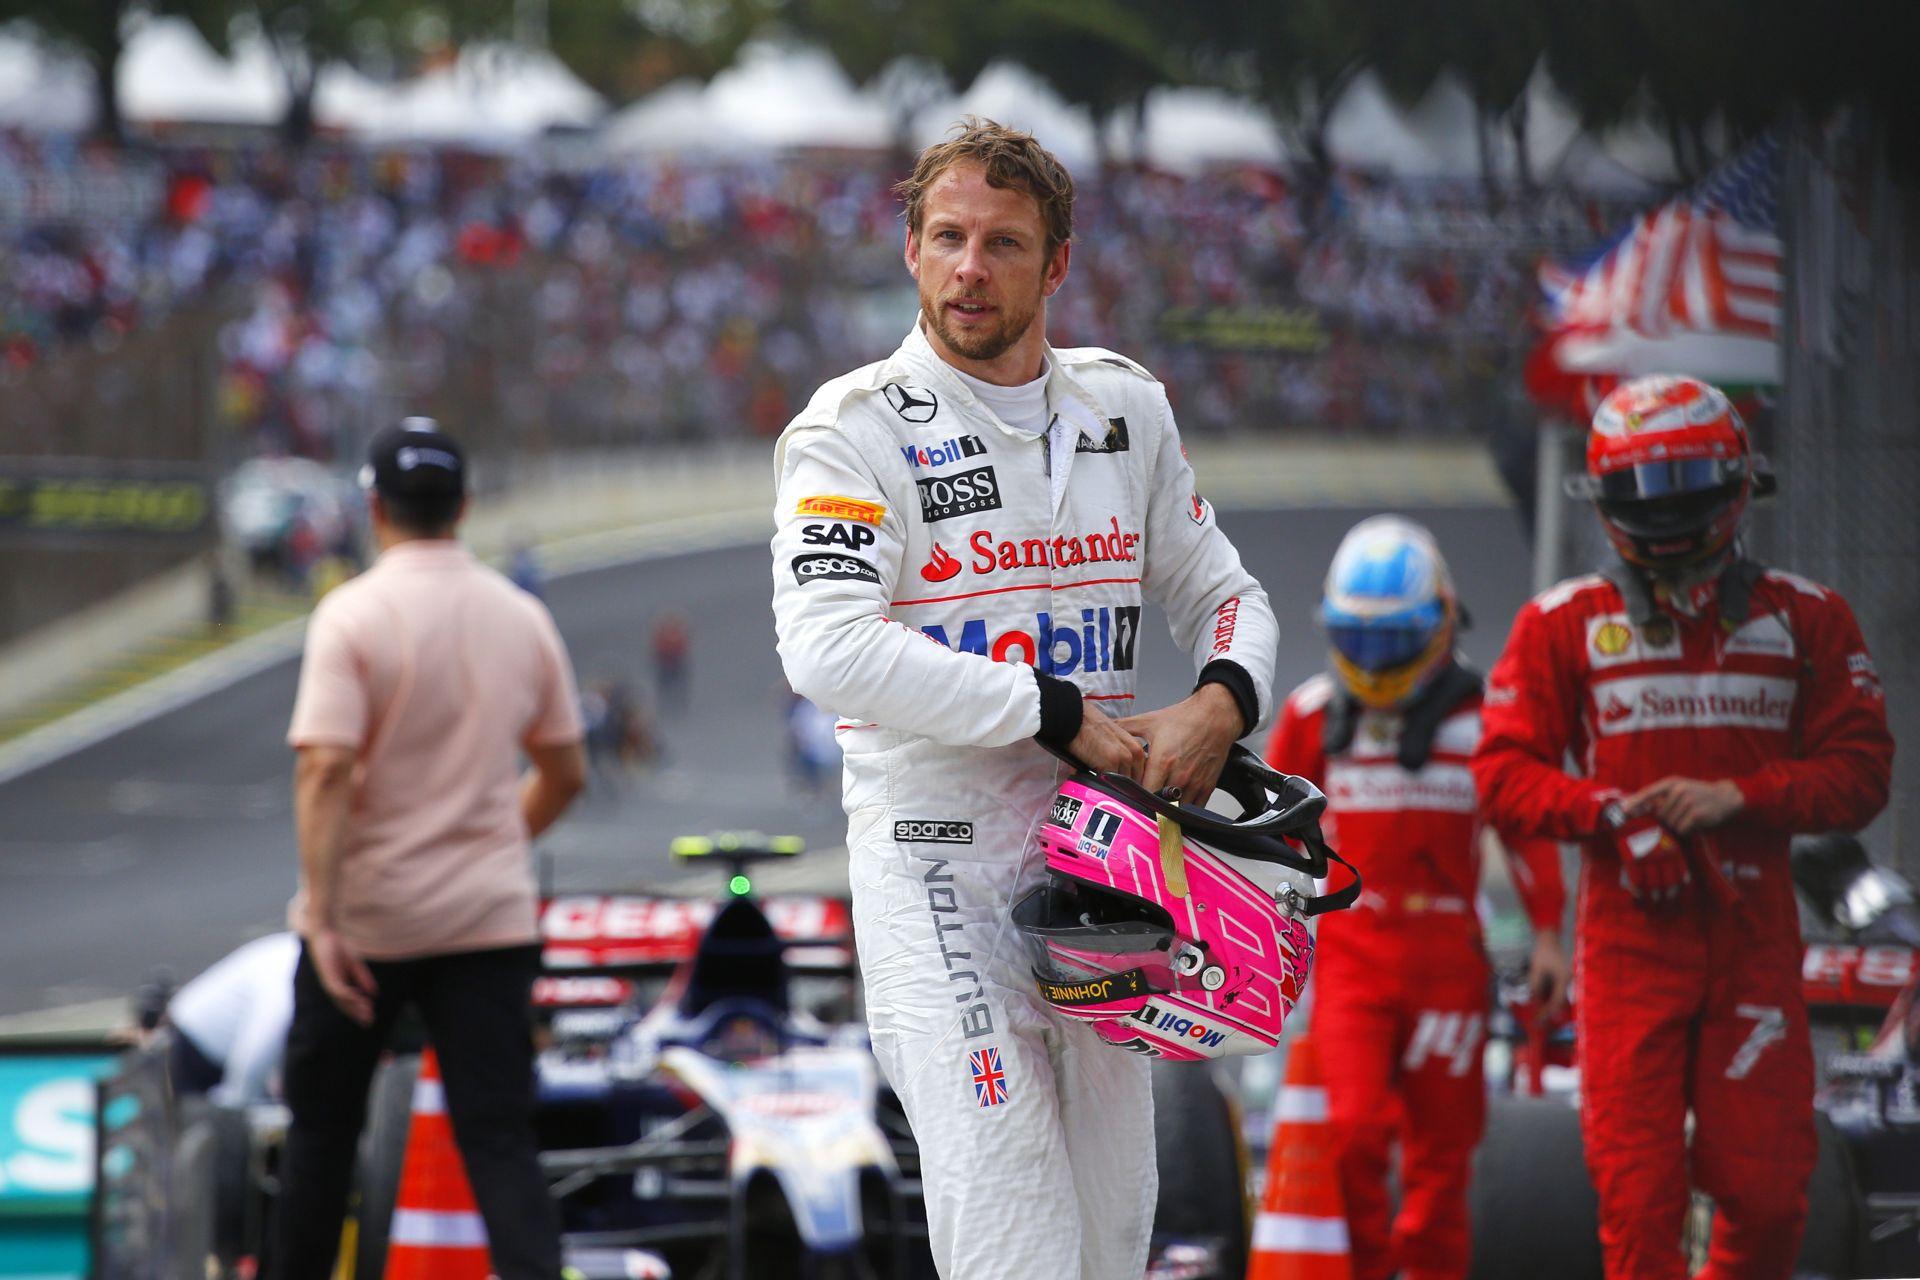 Button remek versenyző, és világbajnok, de nincs Vettel, Hamilton, vagy Alonso szintjén?!